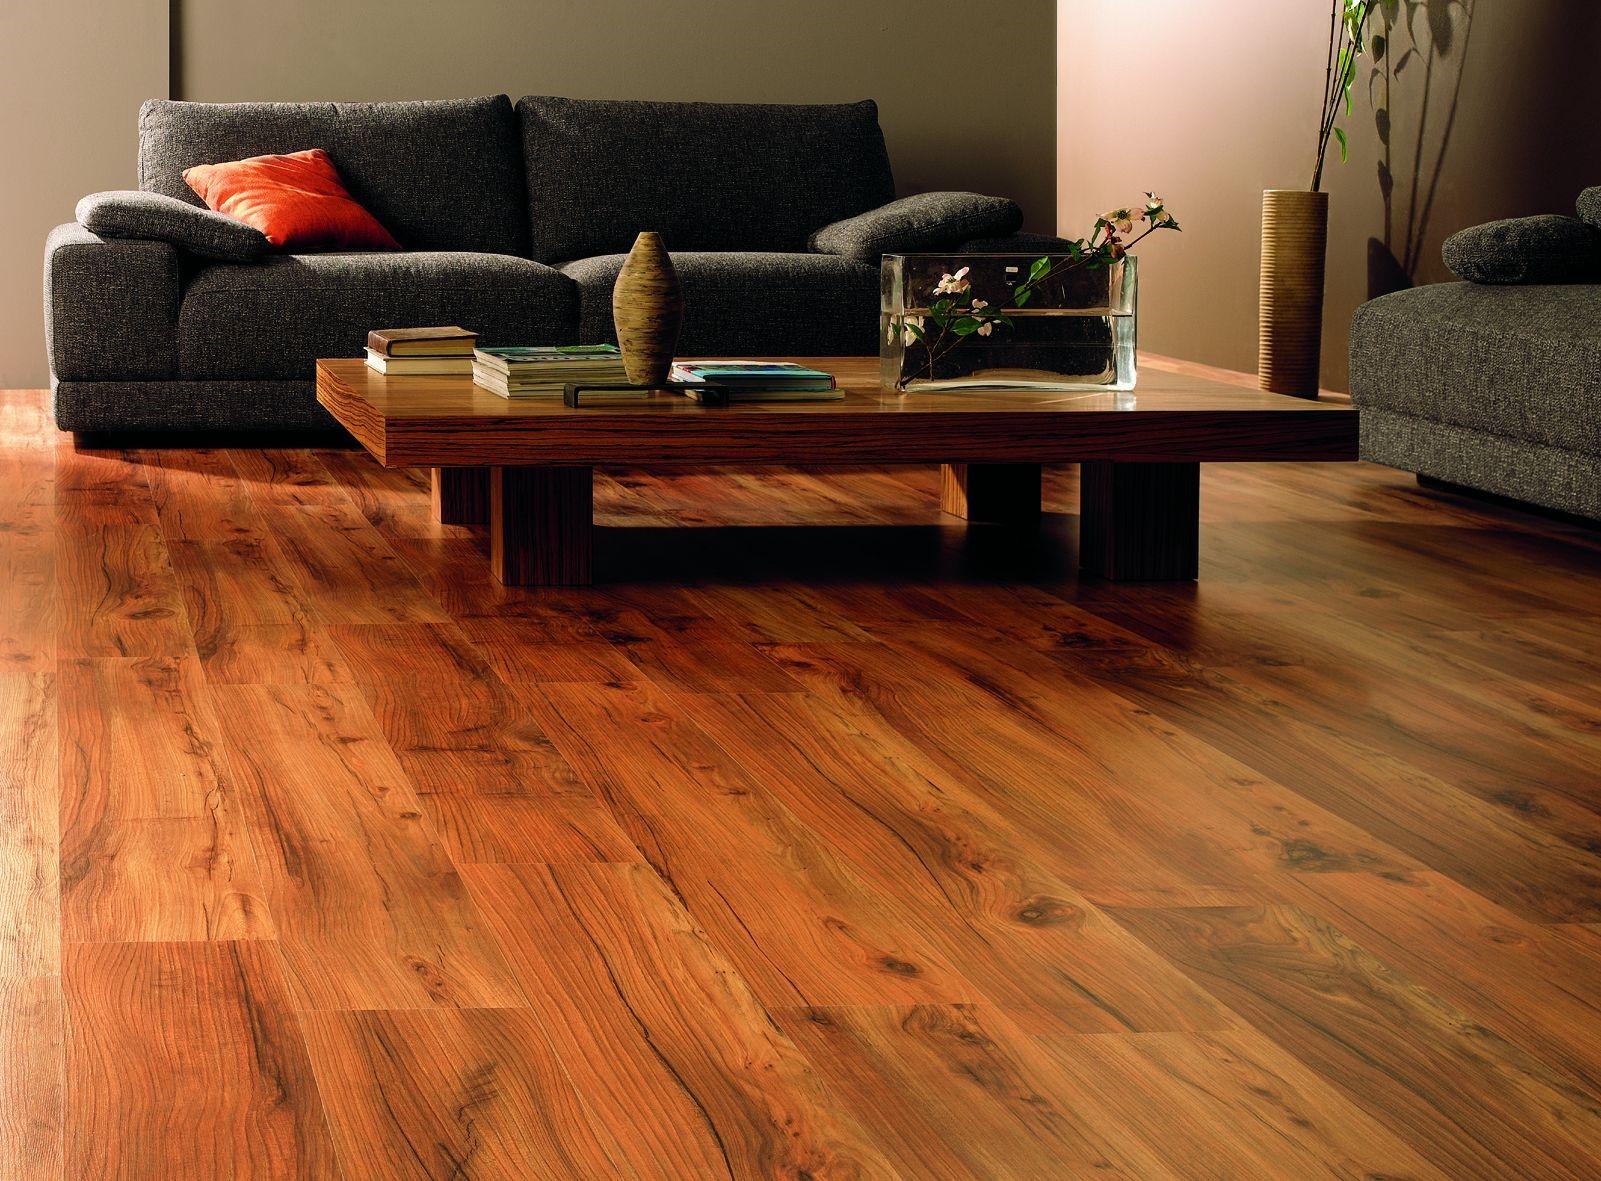 Drewno znów w modzie. Jak wykorzystać drewno w domu?